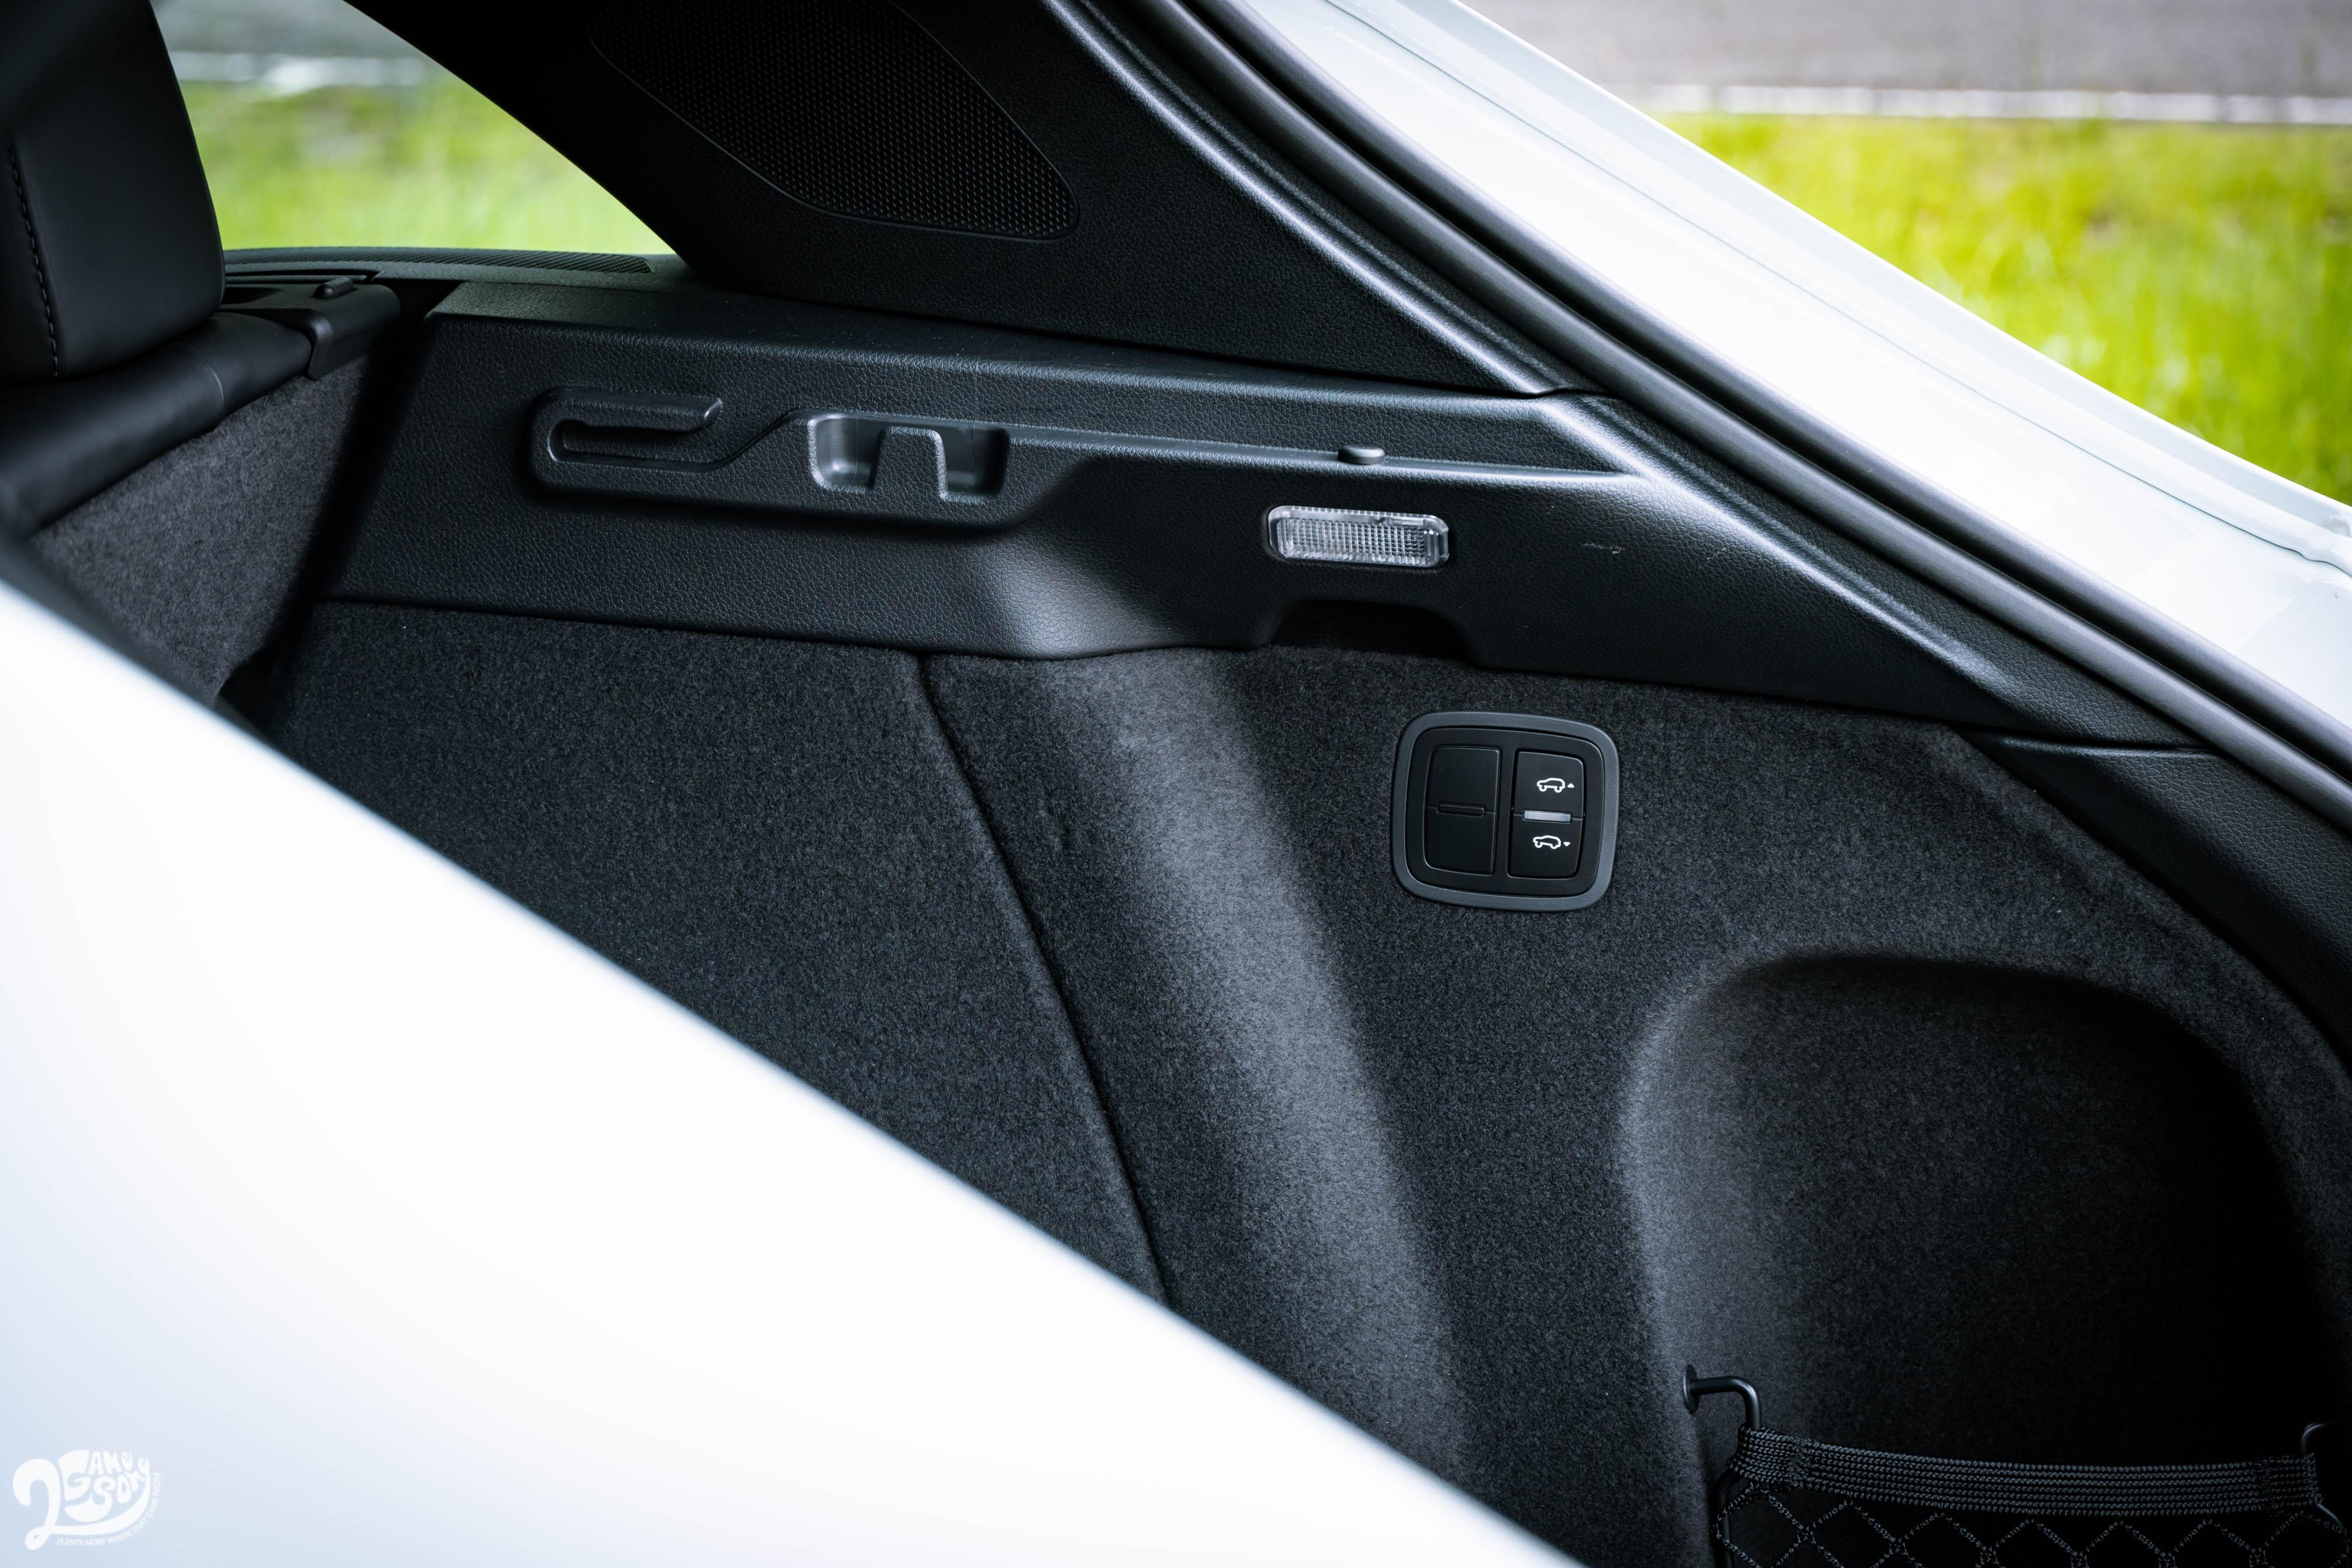 若選配氣壓懸載系統,行李廂提供車尾高度調整功能,方便上下貨。